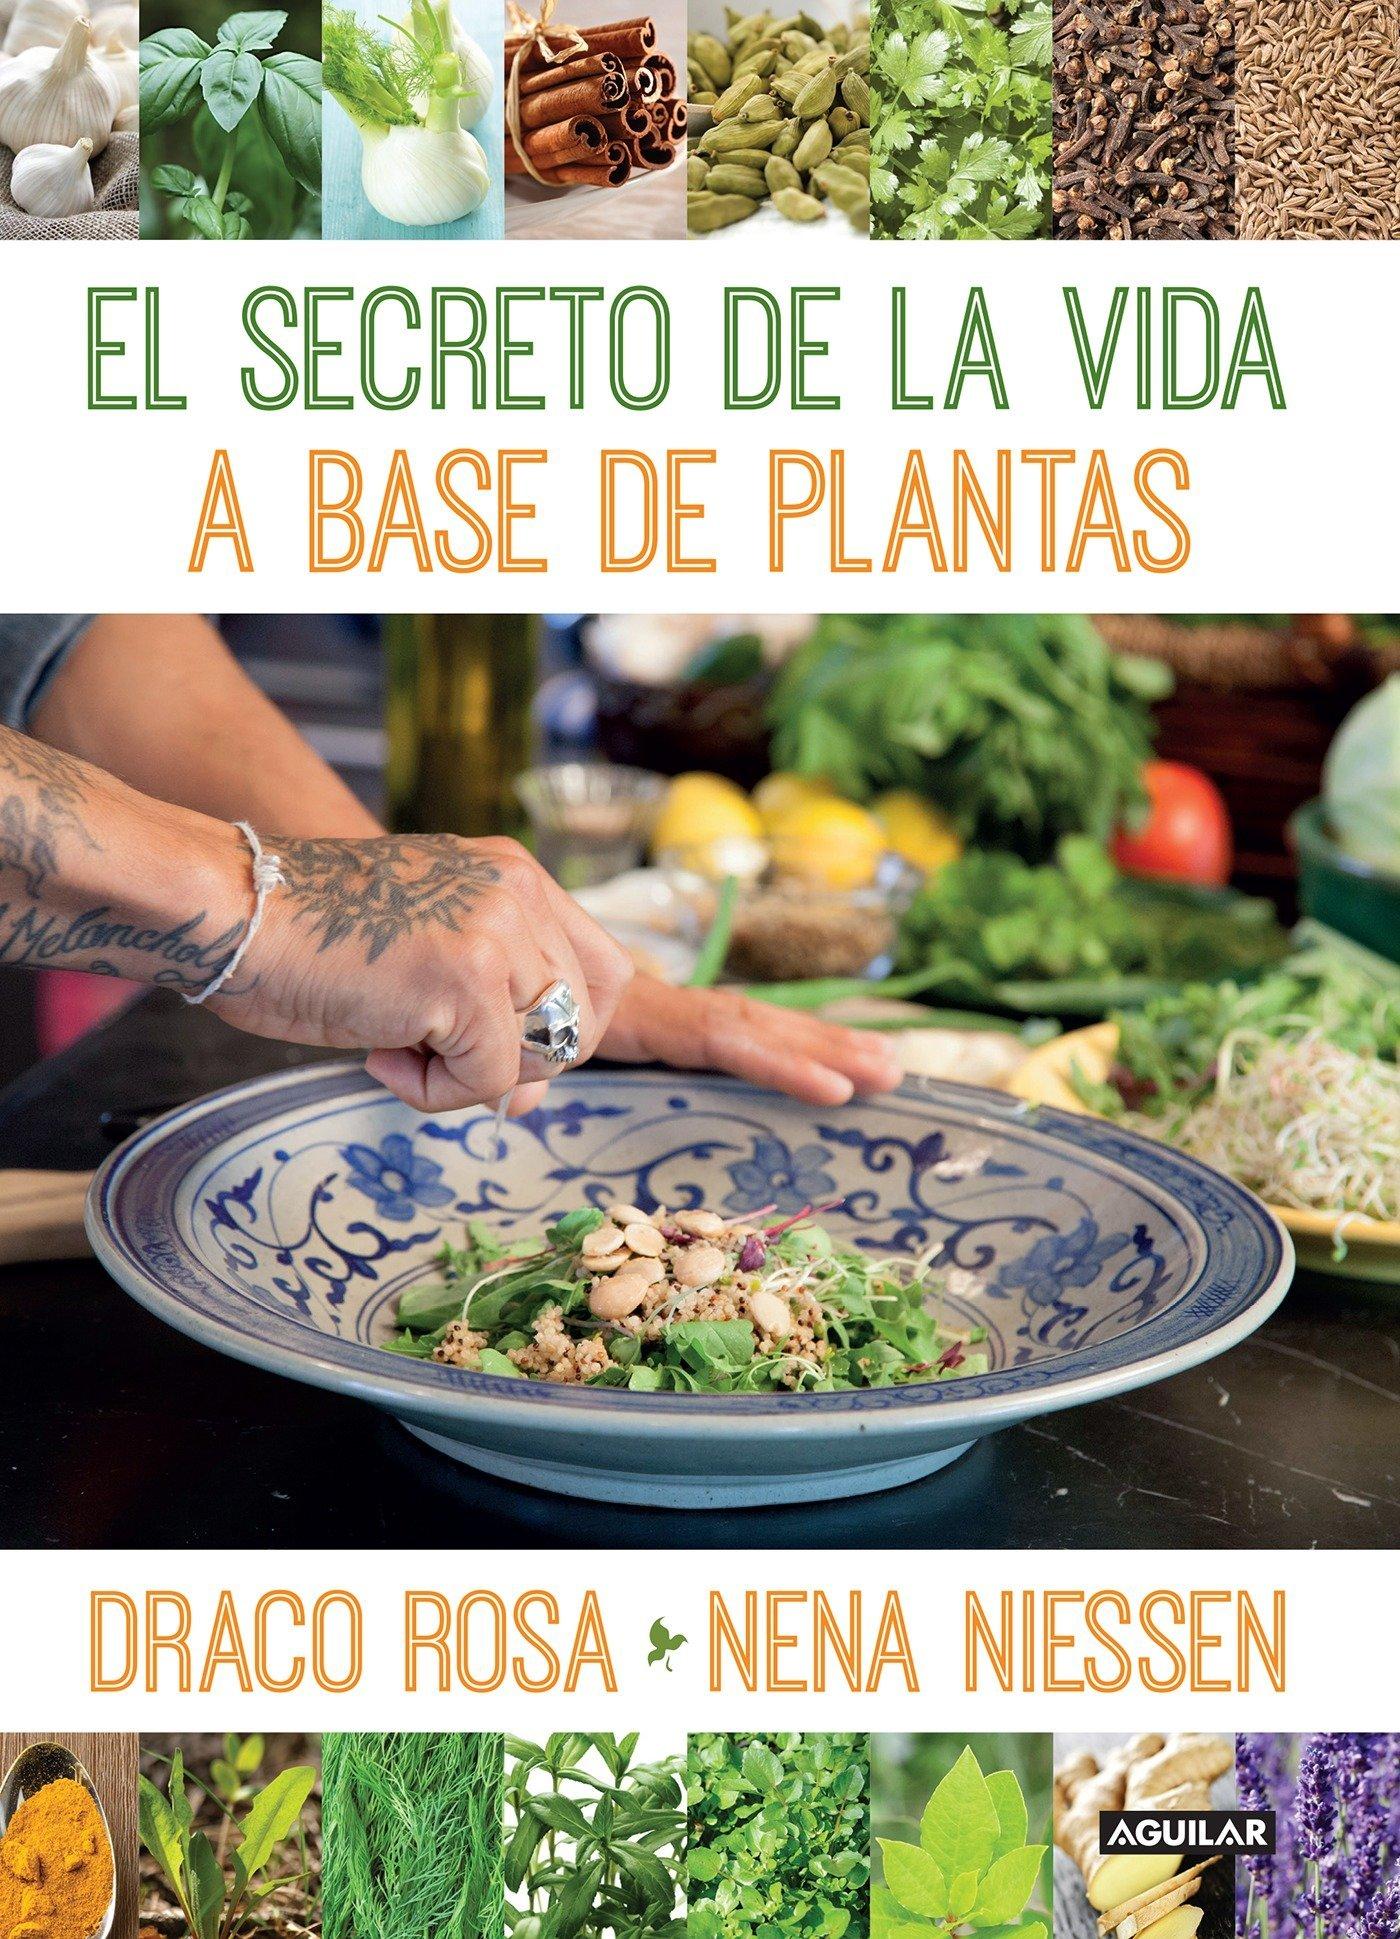 El secreto de la vida a base de plantas / Mother Nature's Secret to a  Healthy Life: Amazon.com.mx: Libros